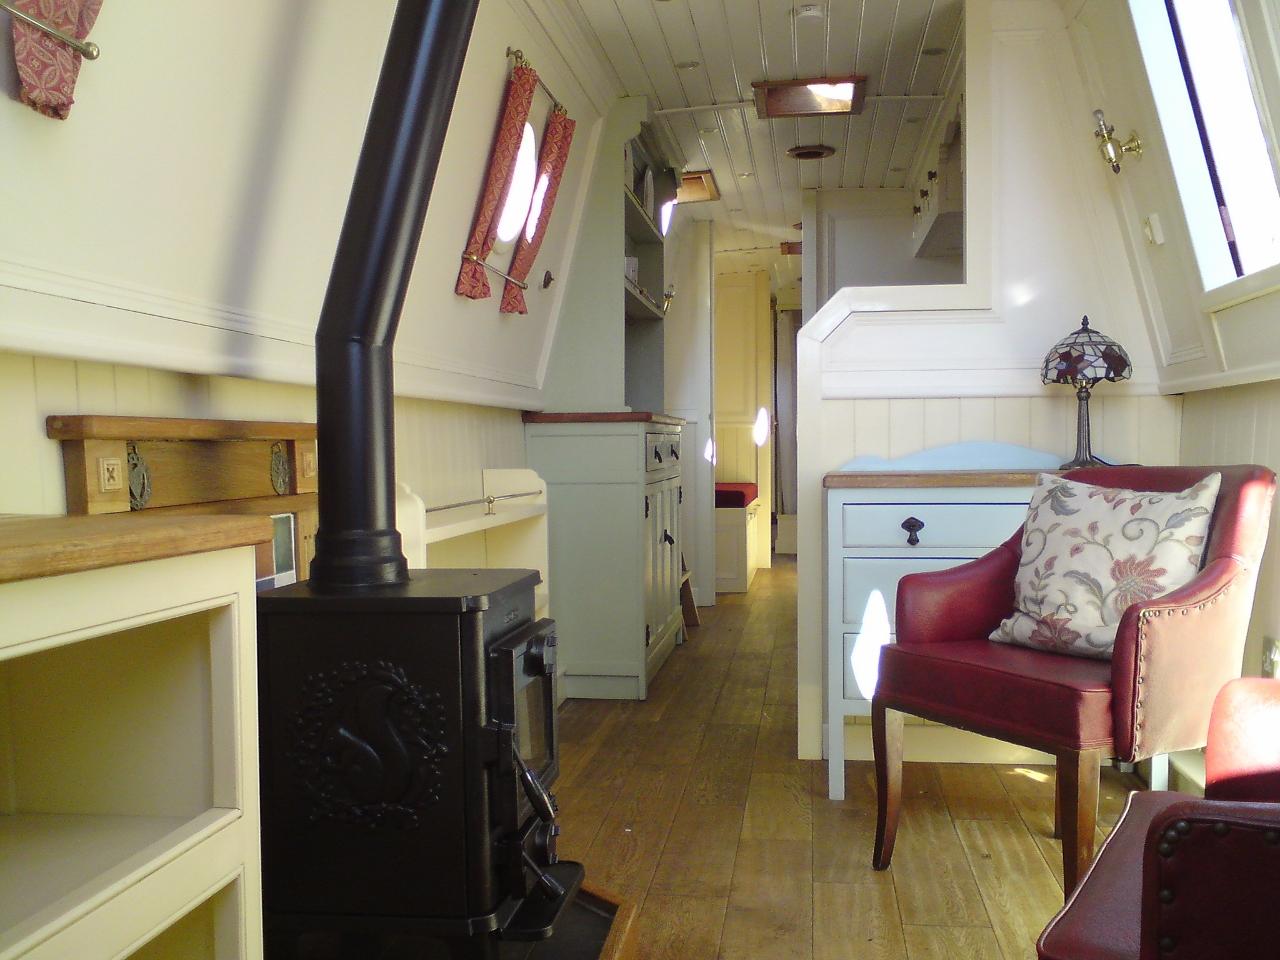 narrowboat interior with woodburner